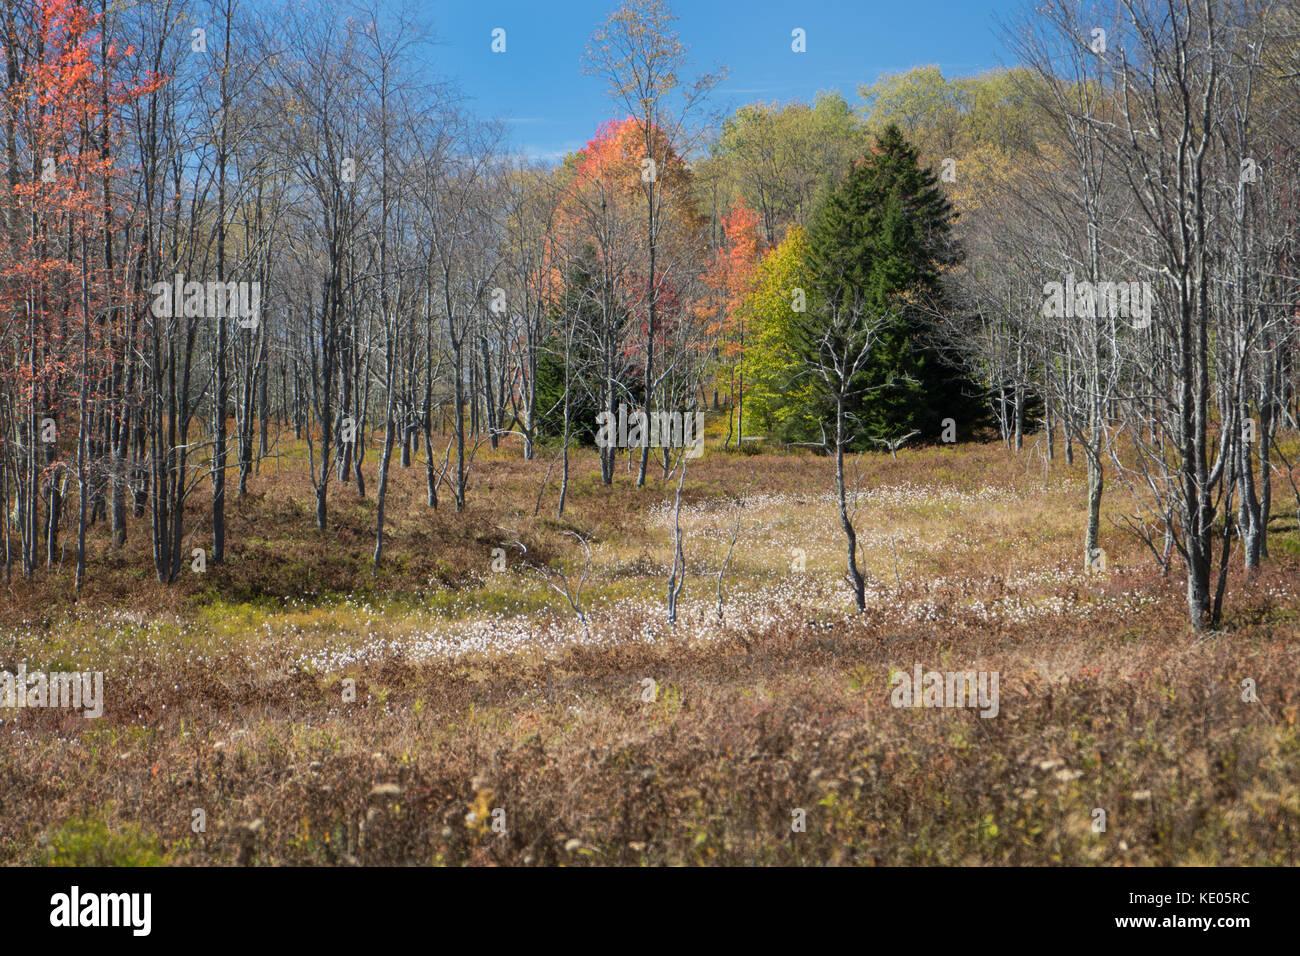 Un cerotto di erba di cotone contrasta con le erbe e gli alberi marroni che mostrano il fogliame colorato dell'autunno nel Canaan Valley Wildlife Refuge della West Virginia. Foto Stock